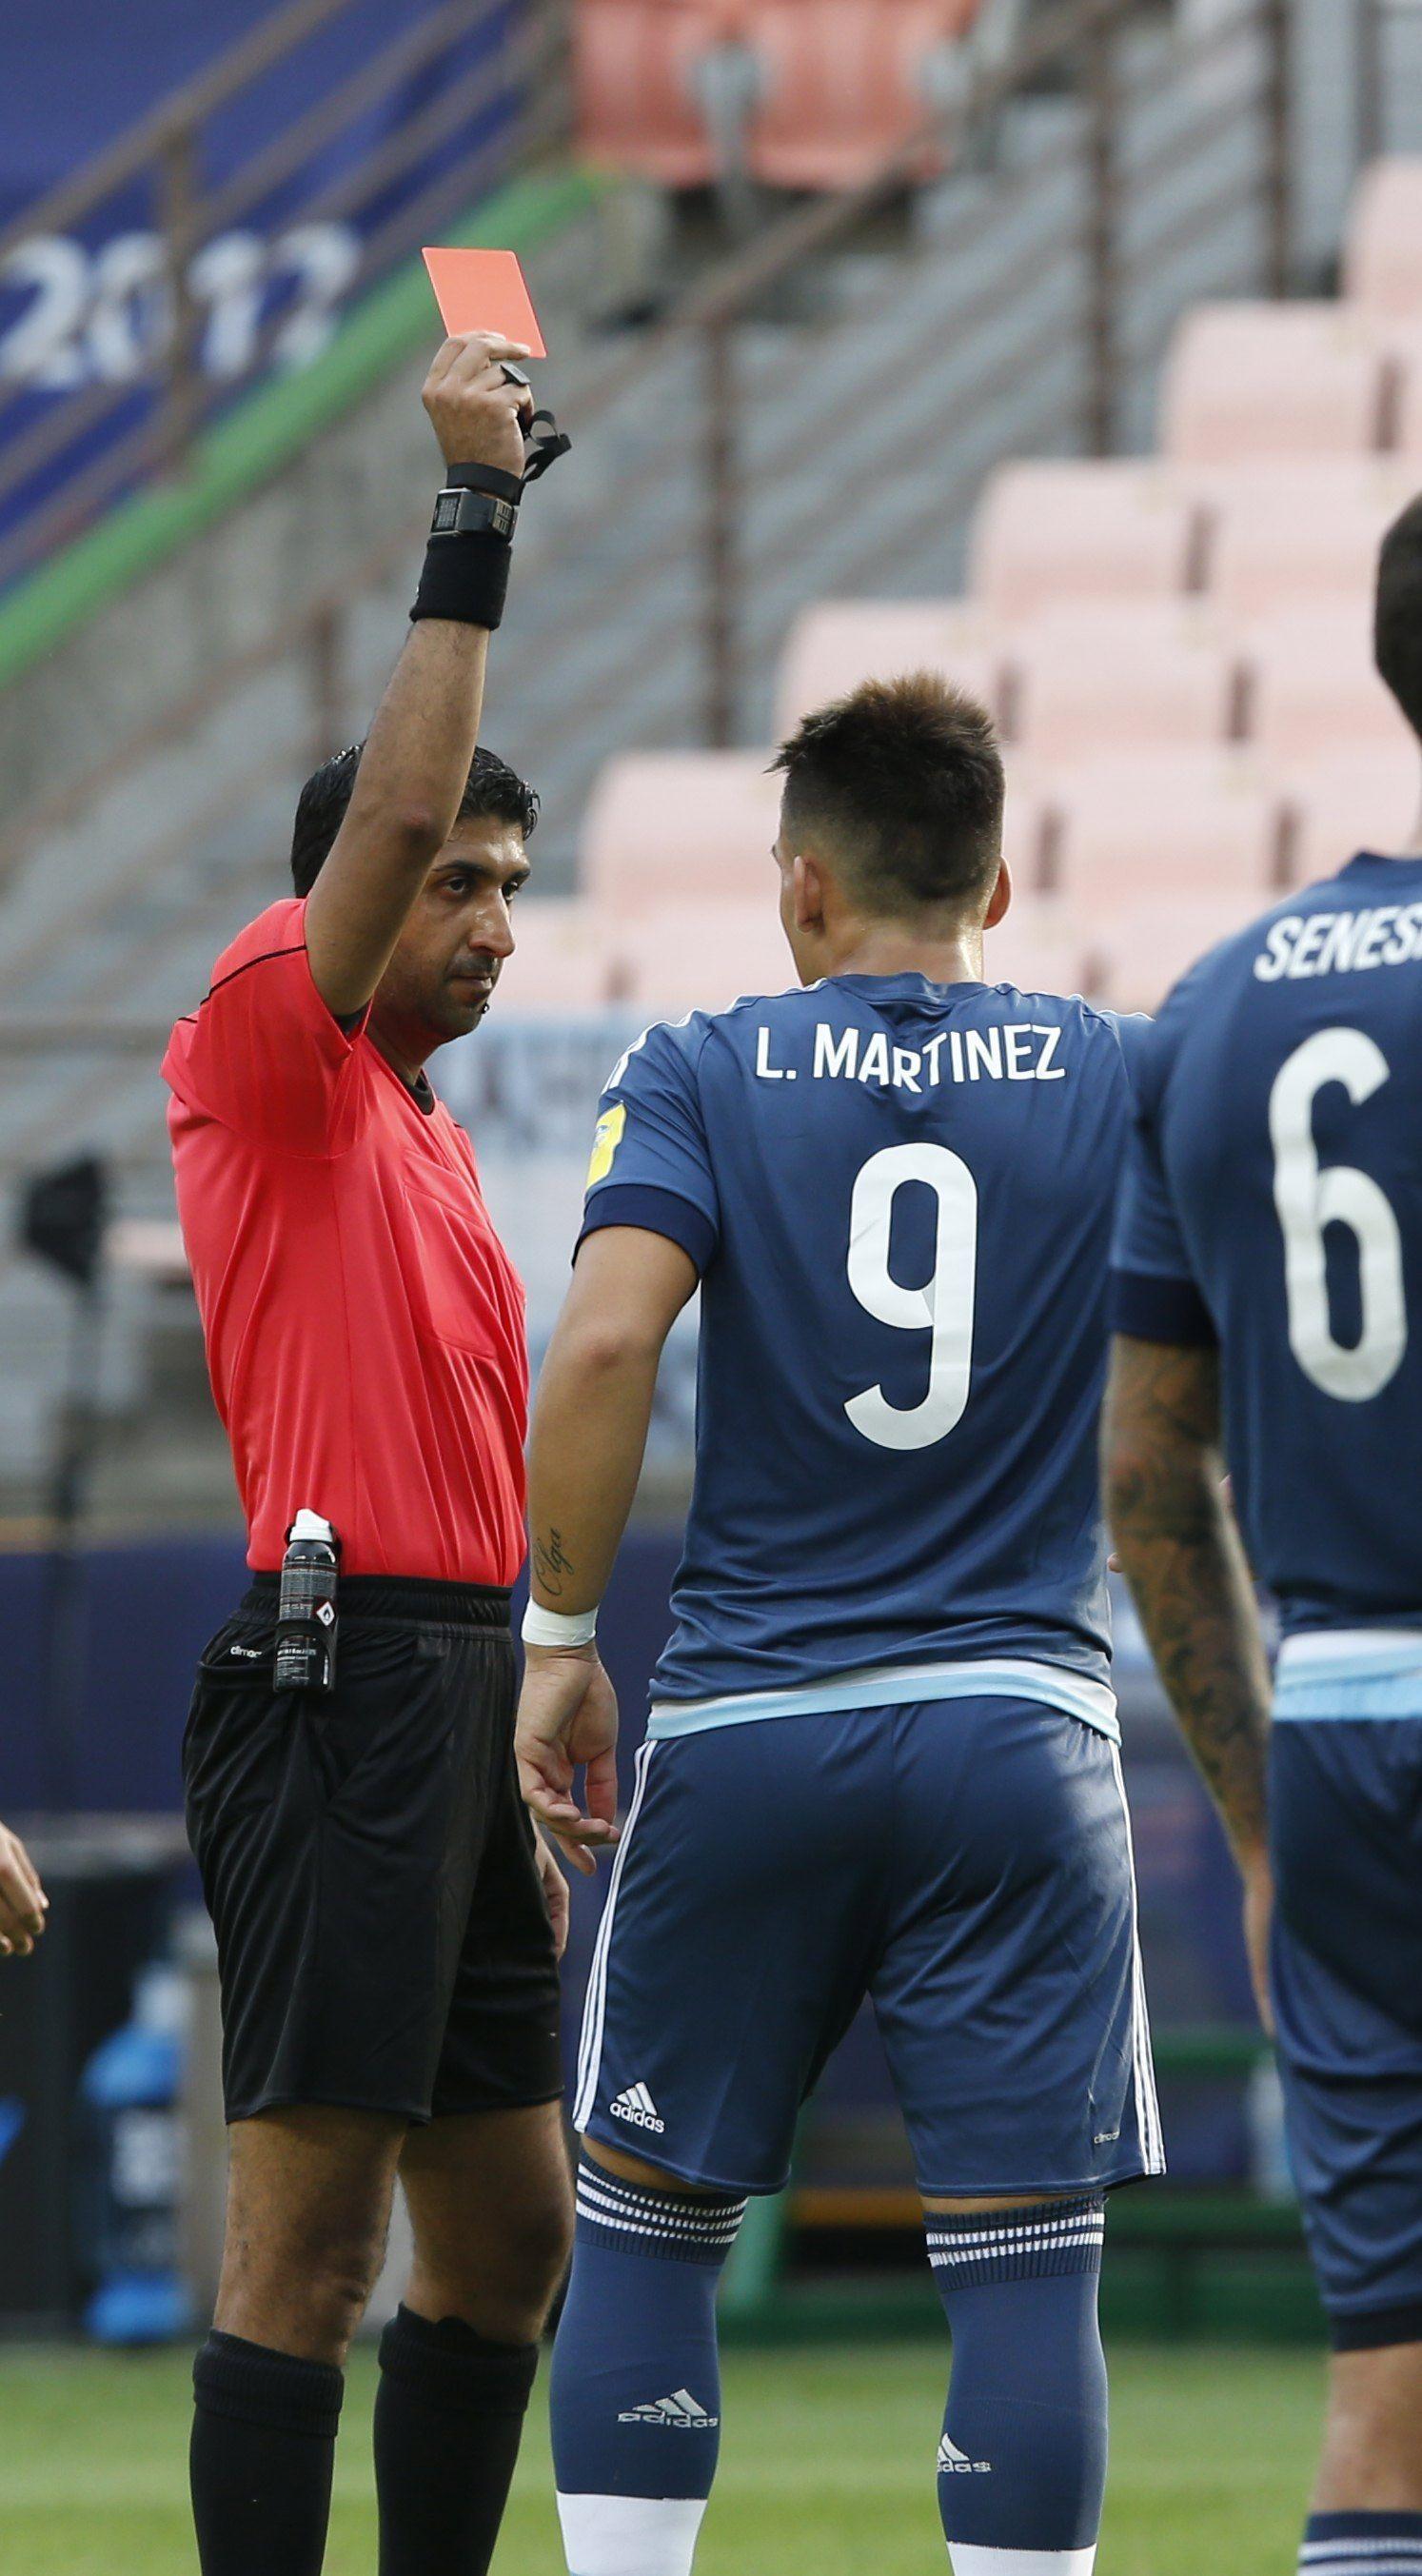 La expulsión de Lautaro Martínez